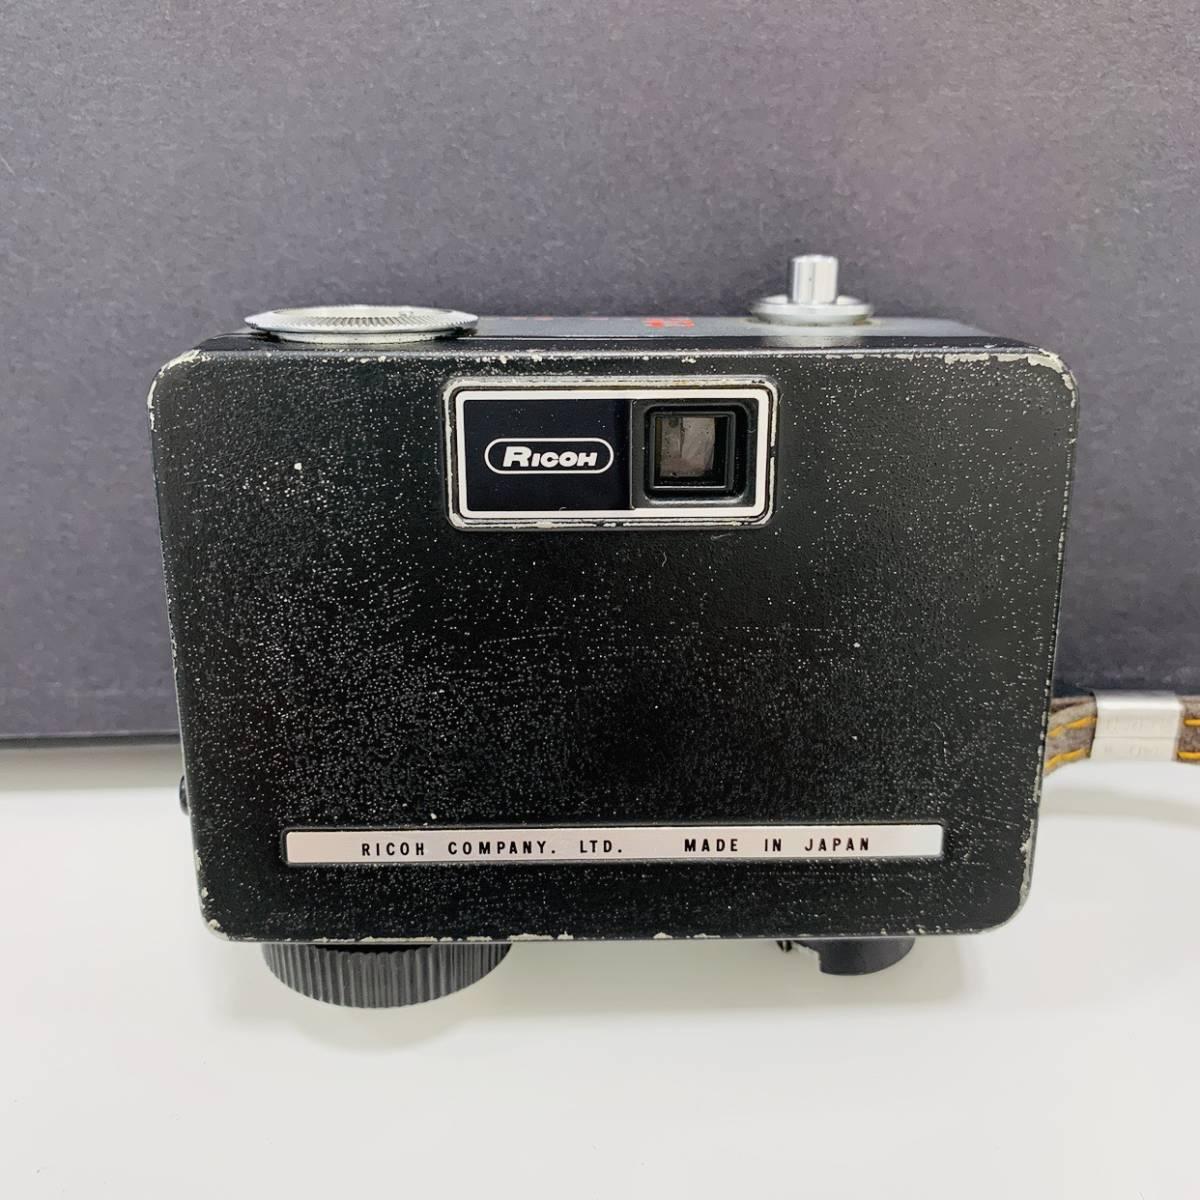 【2954】 RICOH リコー AUTO HALF E F:2.8 f=25mm カメラ 25mm オートハーフ シルバー×イエロー_画像4